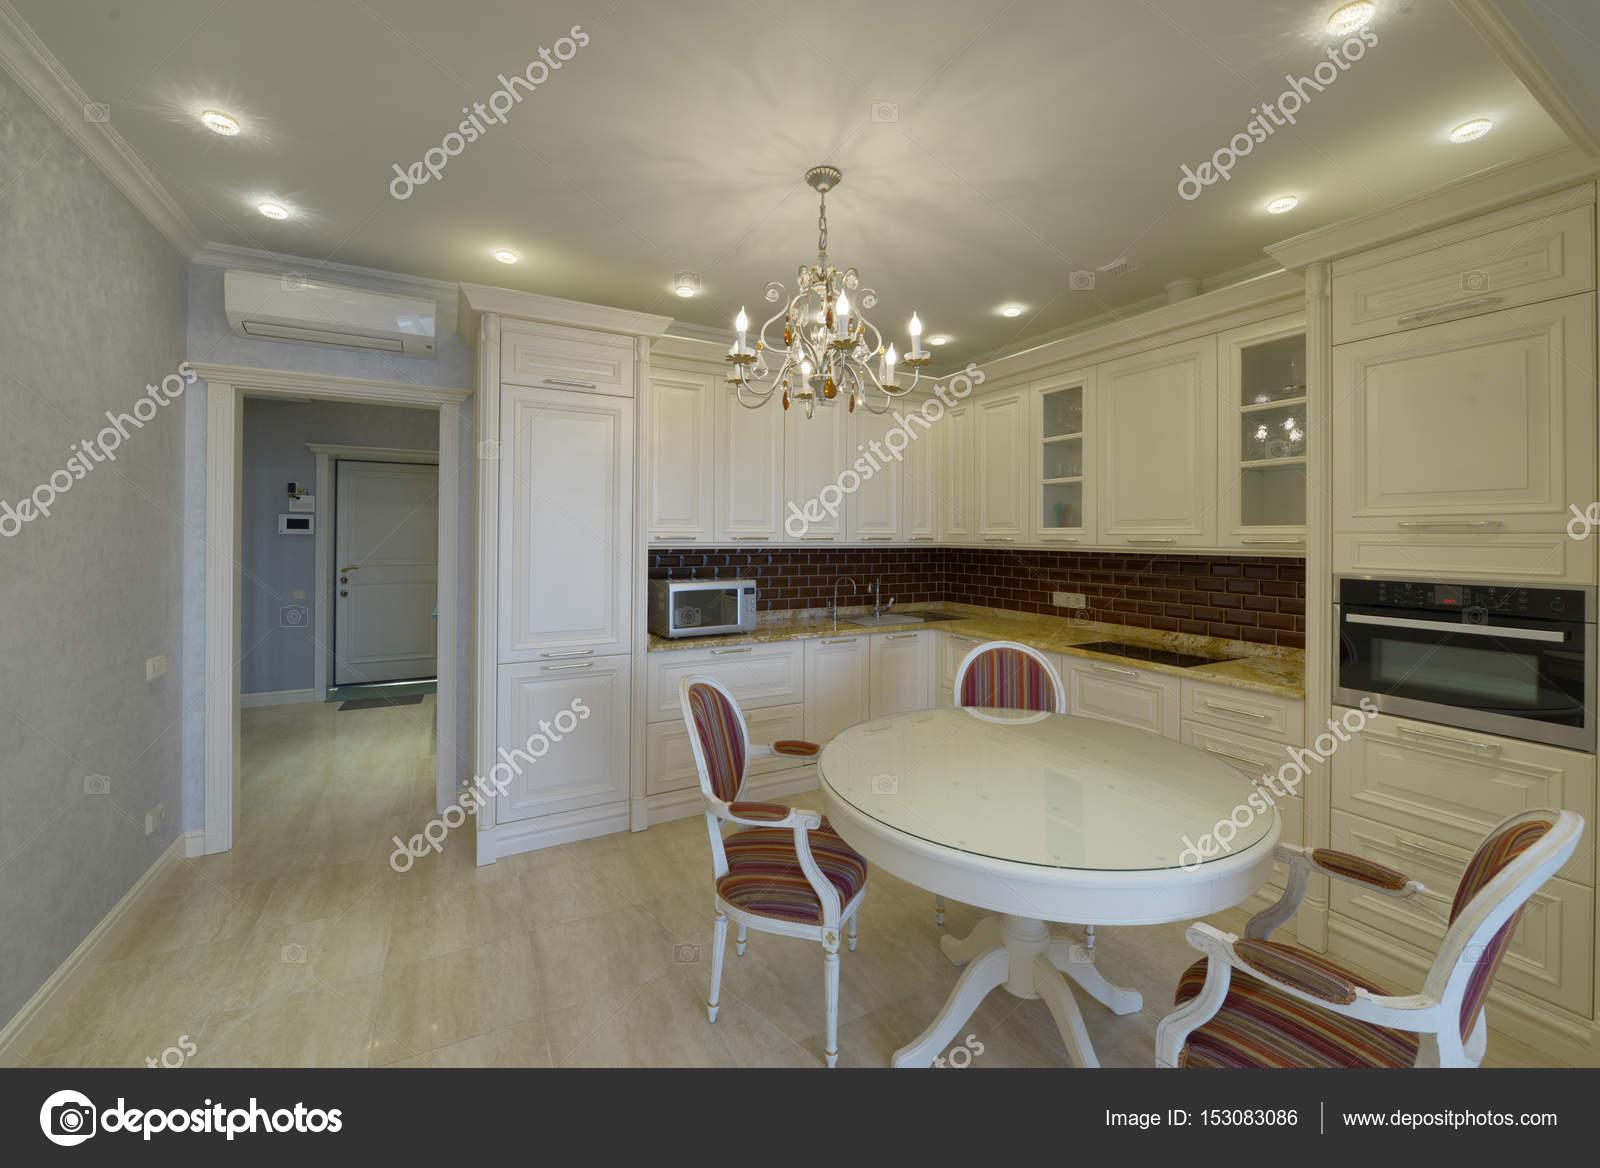 Attractive Interior Design Moderne Küche Im Neuen Haus U2014 Stockfoto